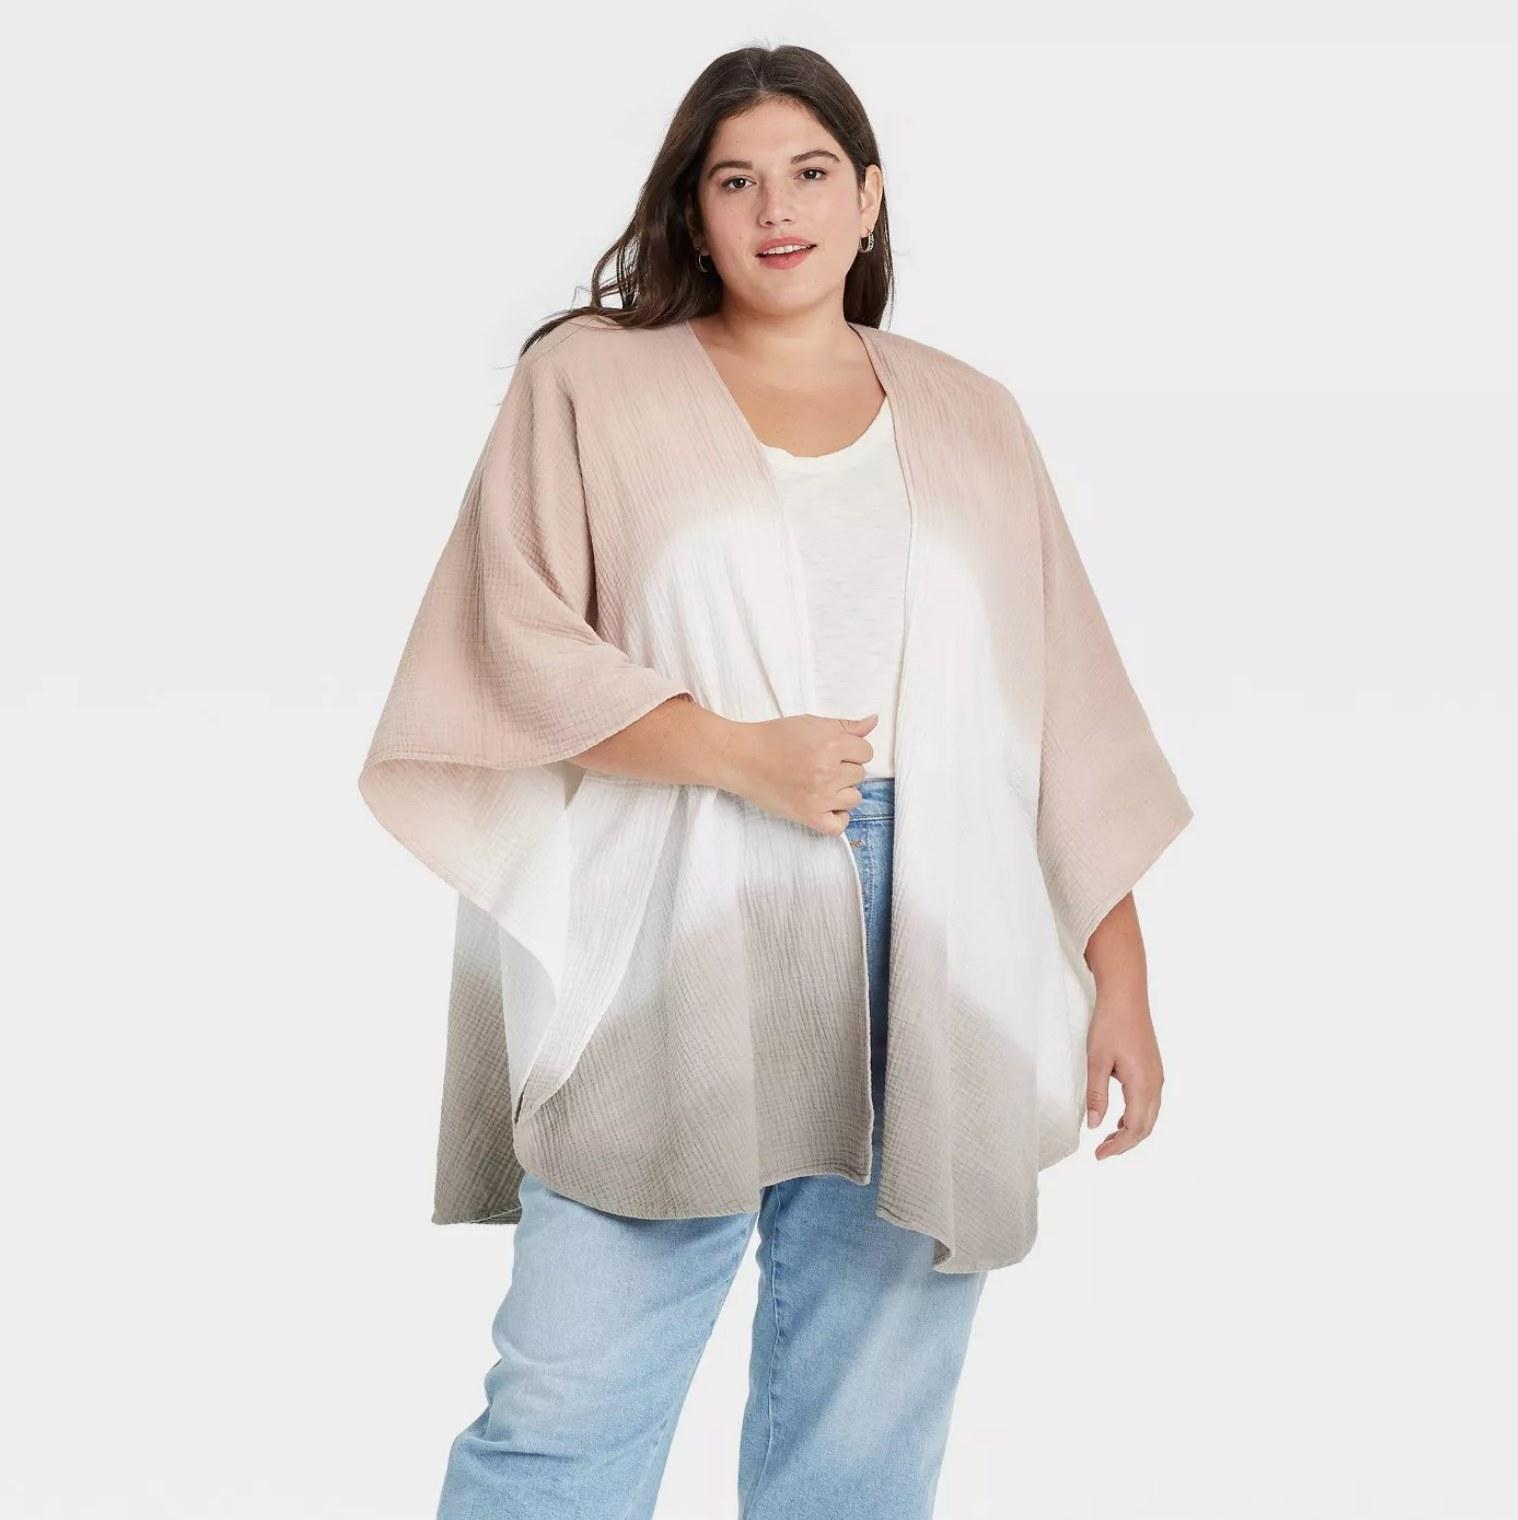 Plus-sized model wearing the jacket in neutral